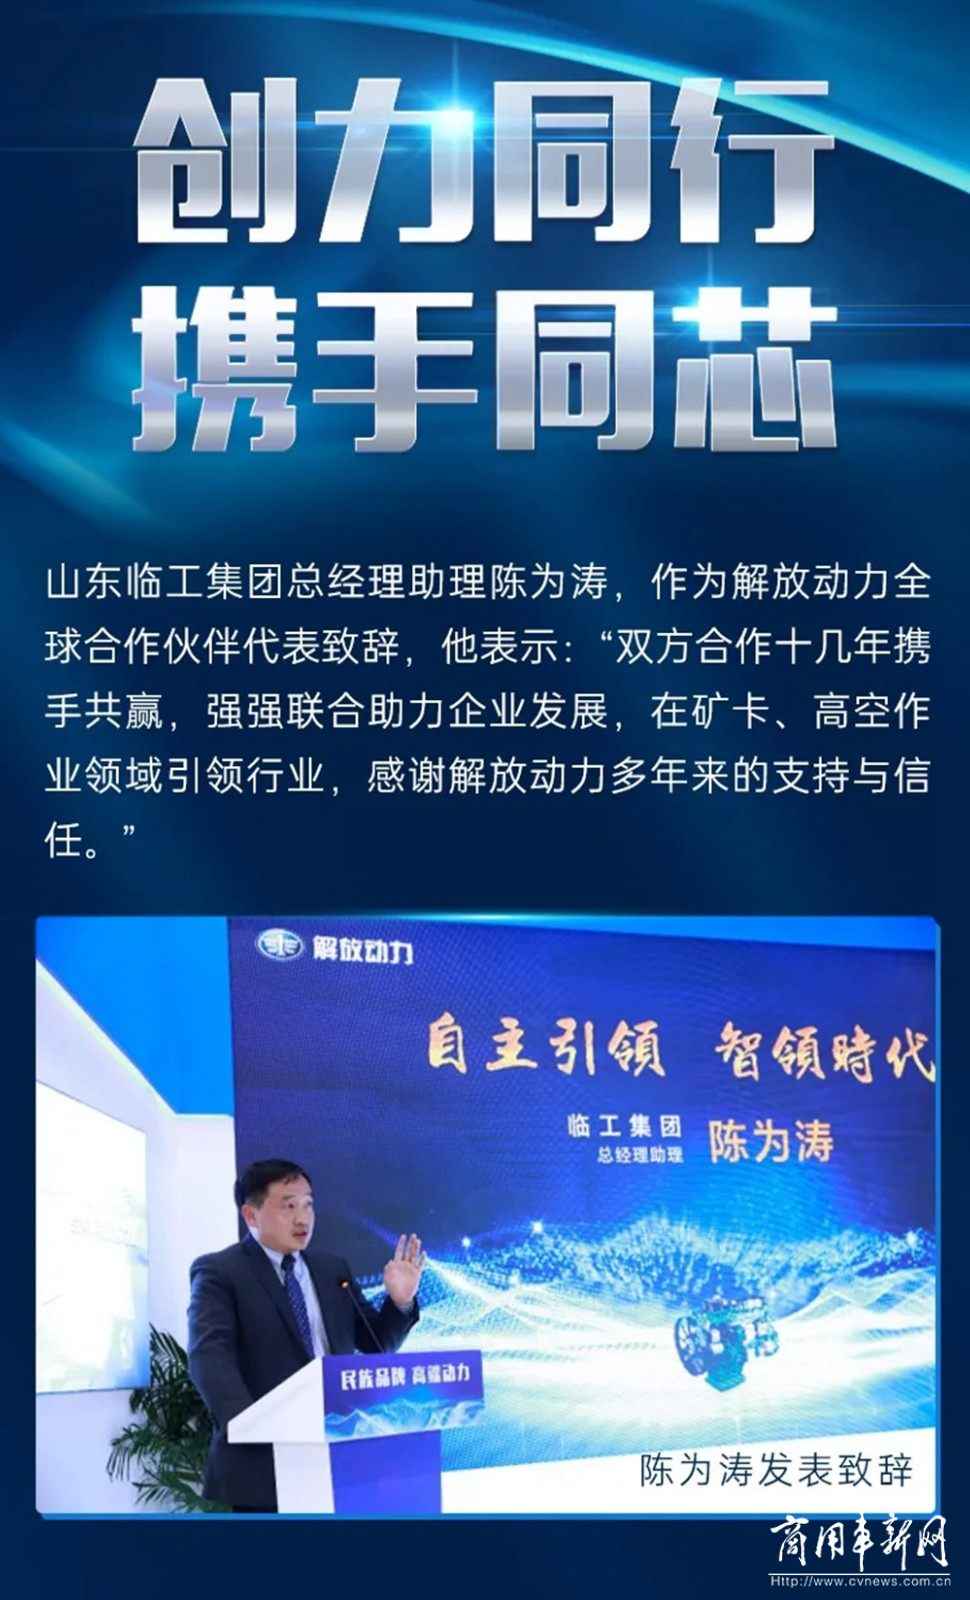 解放动力X上海宝马展丨4项非道路自主技术隆重发布!